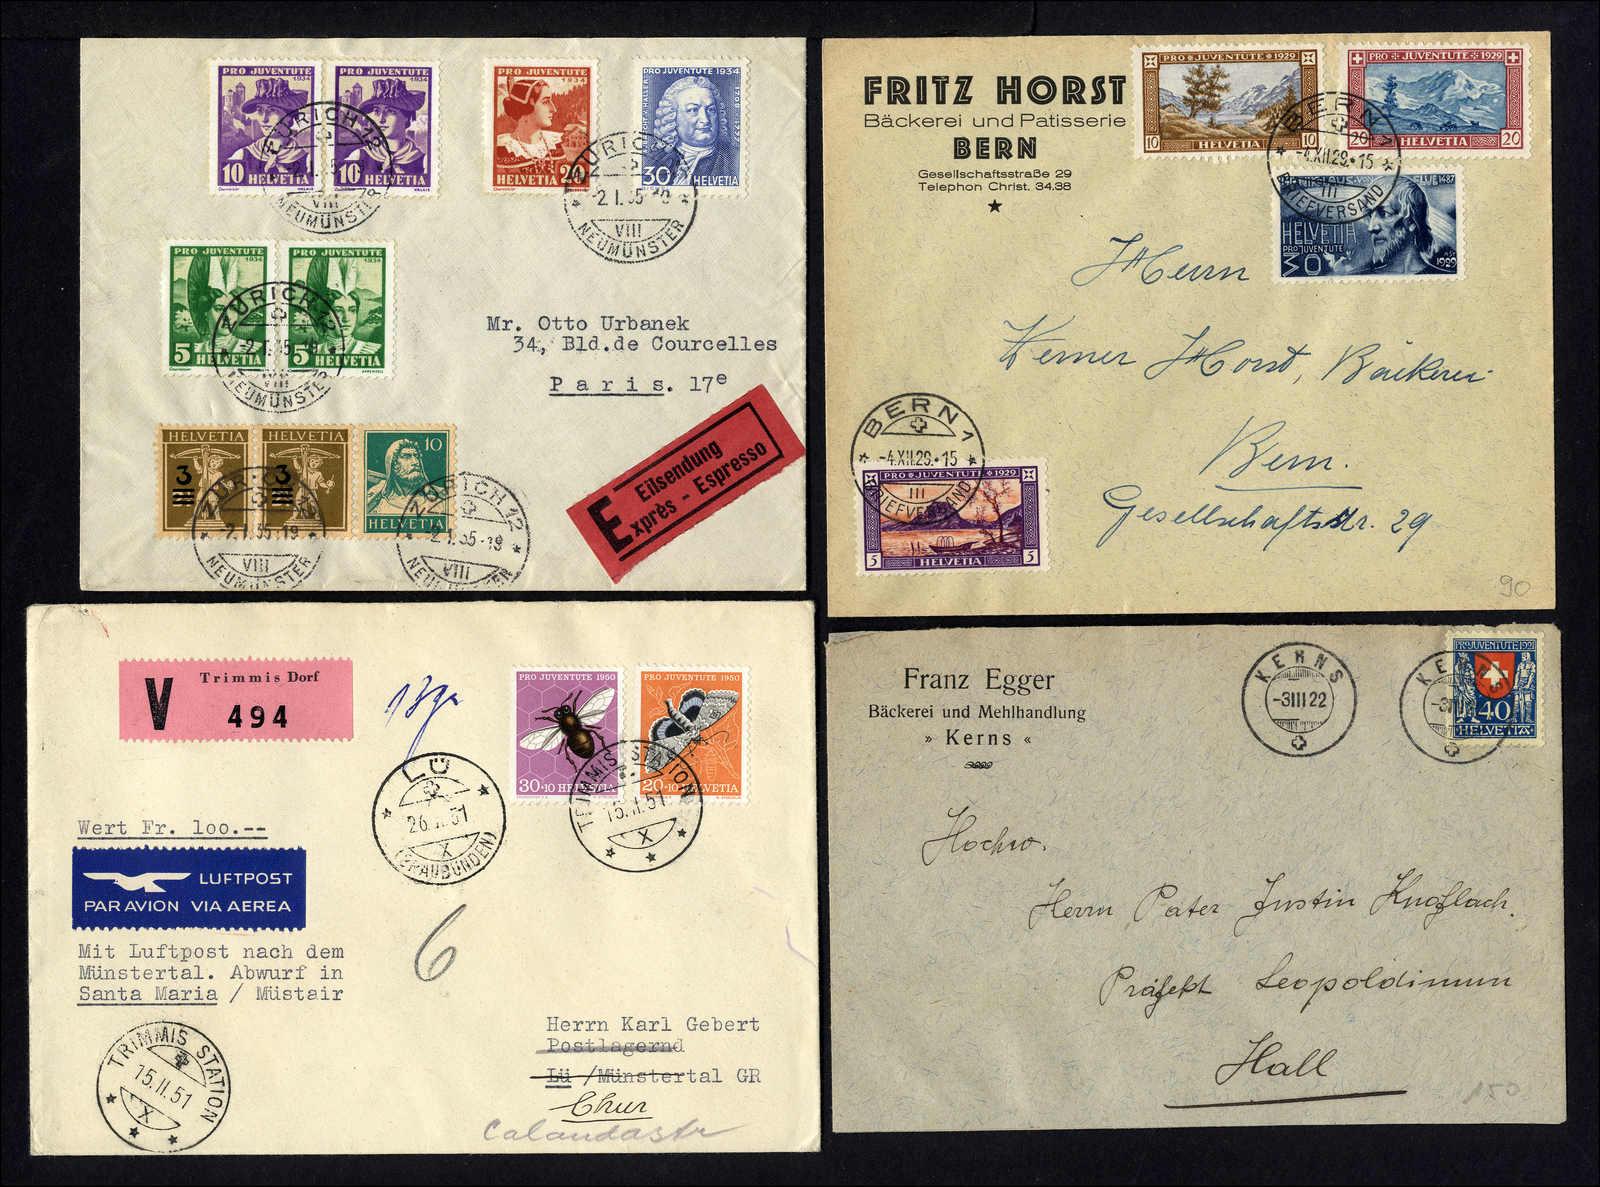 Lot 193 - schweiz schweiz pro juventute -  Rolli Auctions Auction #68 Day 1